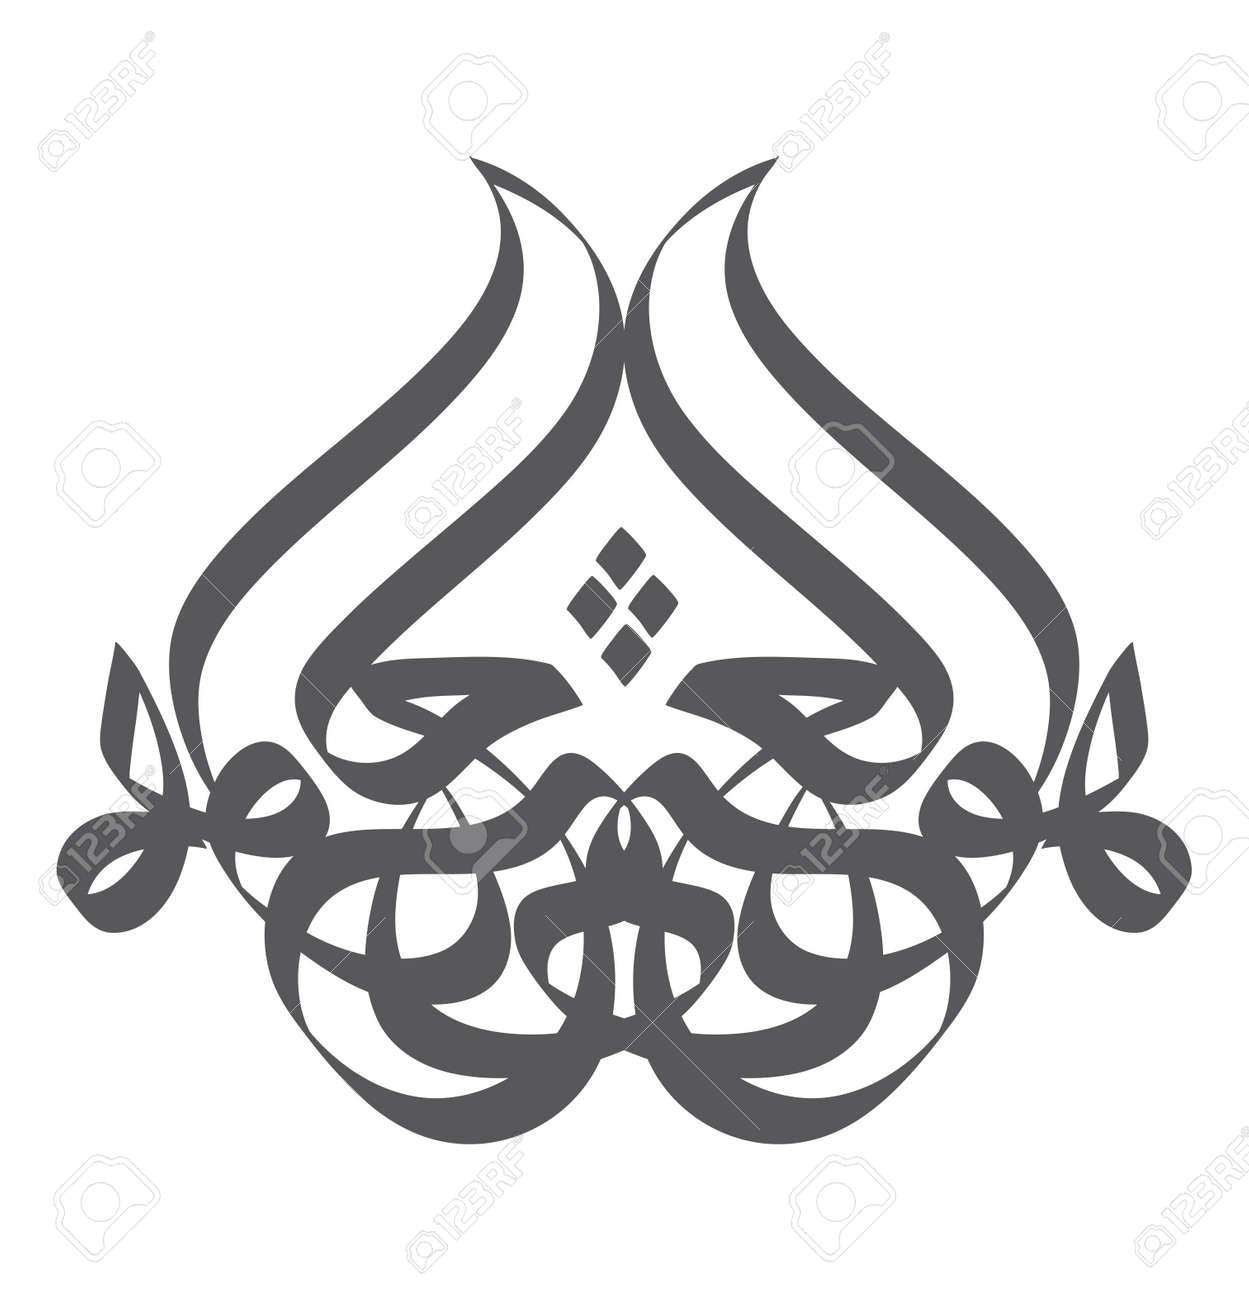 Caligrafía Estilo Turco Otomano Con Letras árabes El Significado Es